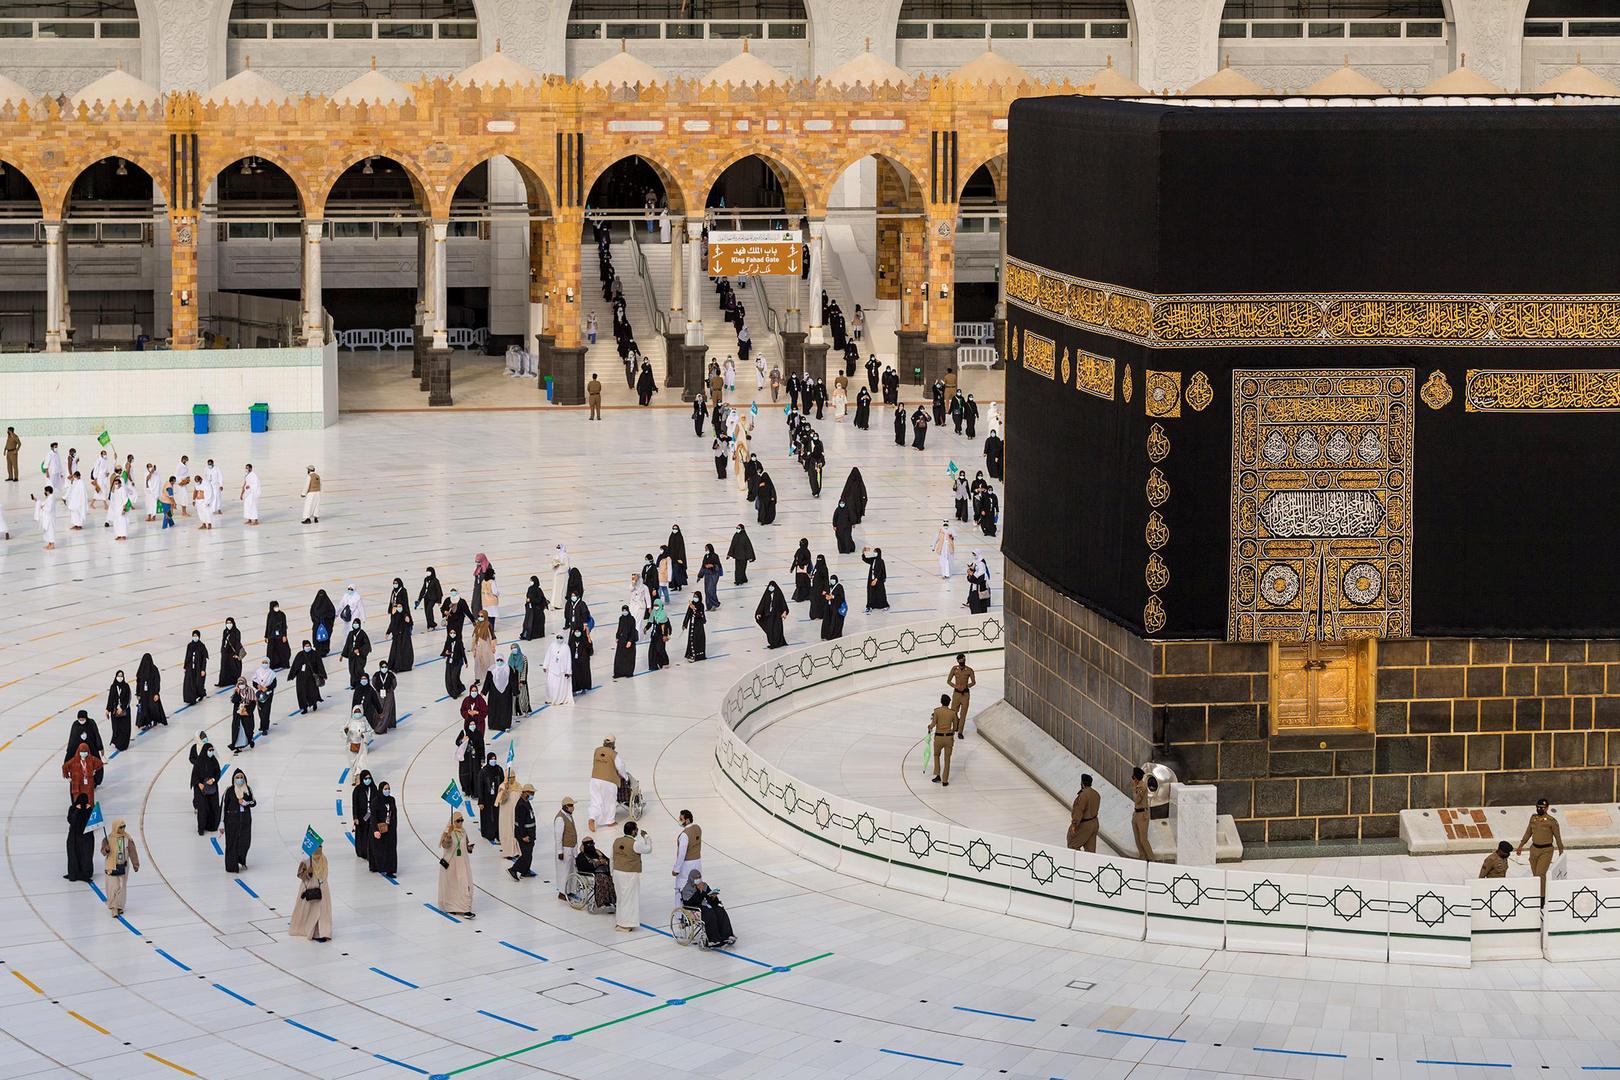 السعودية تعلن اقتصار الحج هذا العام على المواطنين والمقيمين داخل المملكة بإجمالي 60 ألف حاج